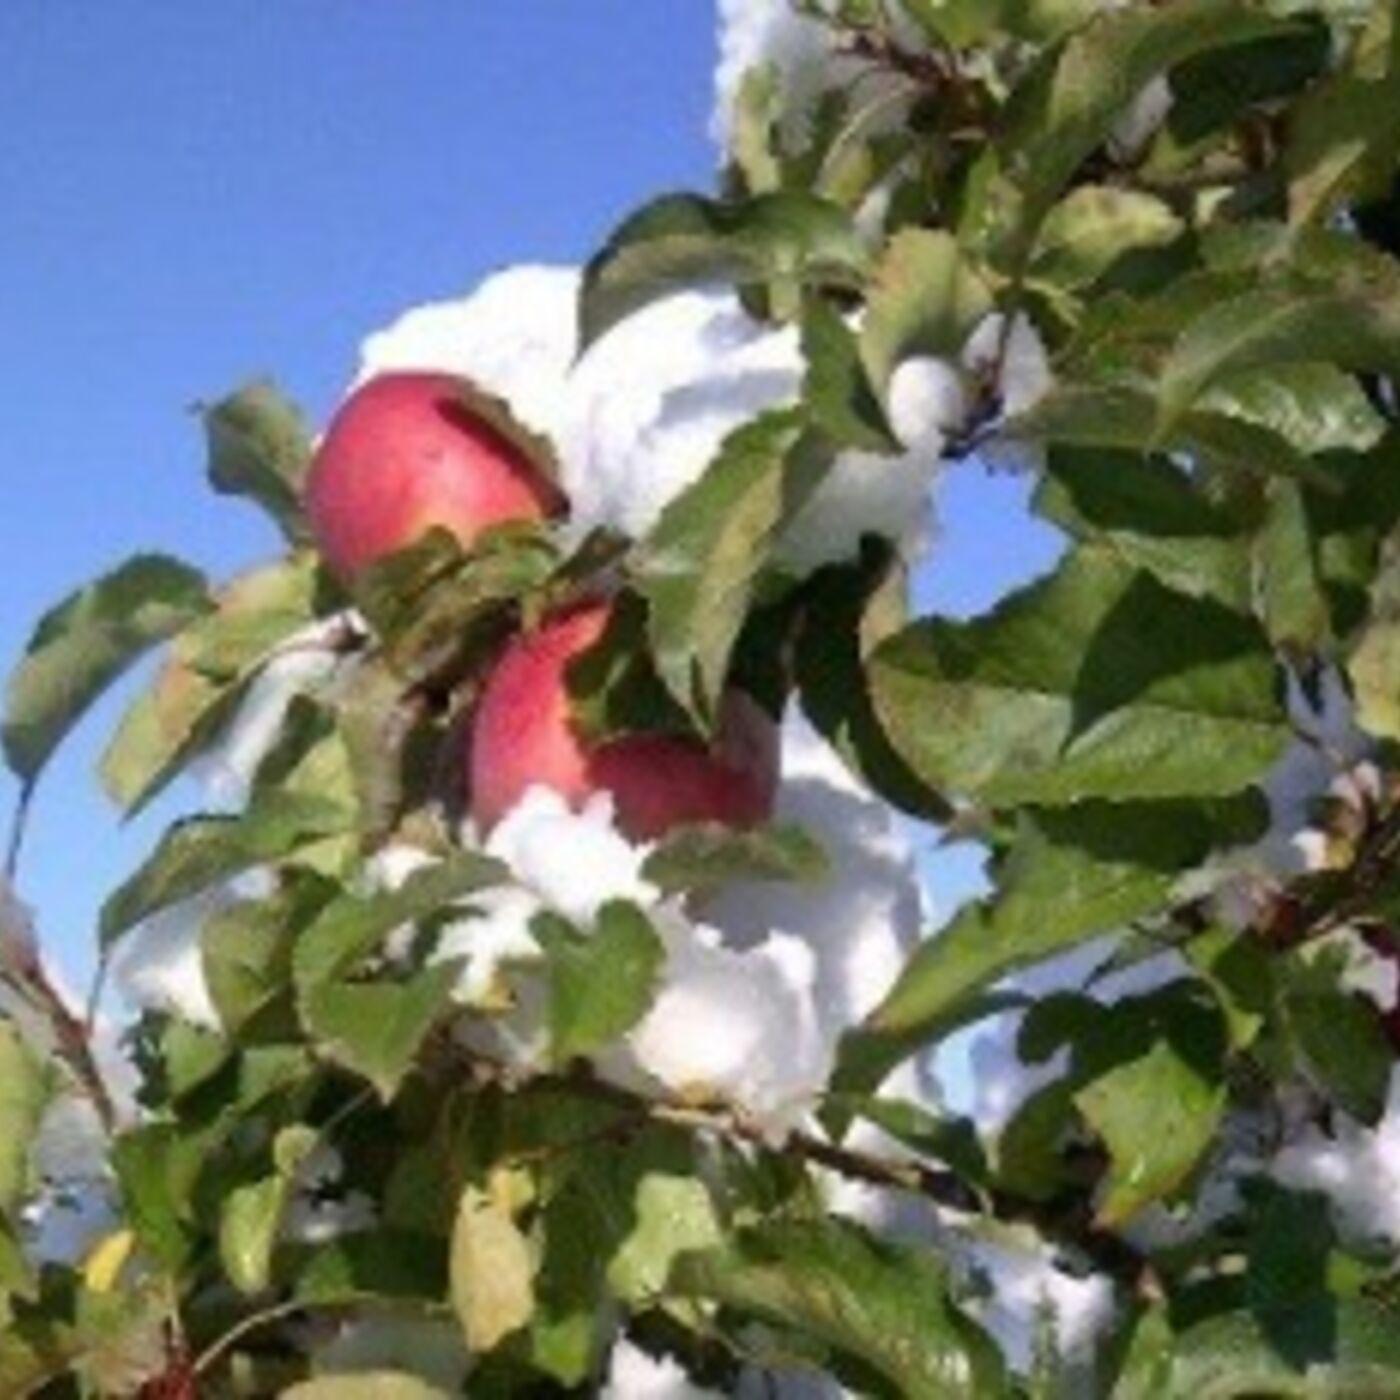 Season 2 Episode 2: Winter Pruning Tips